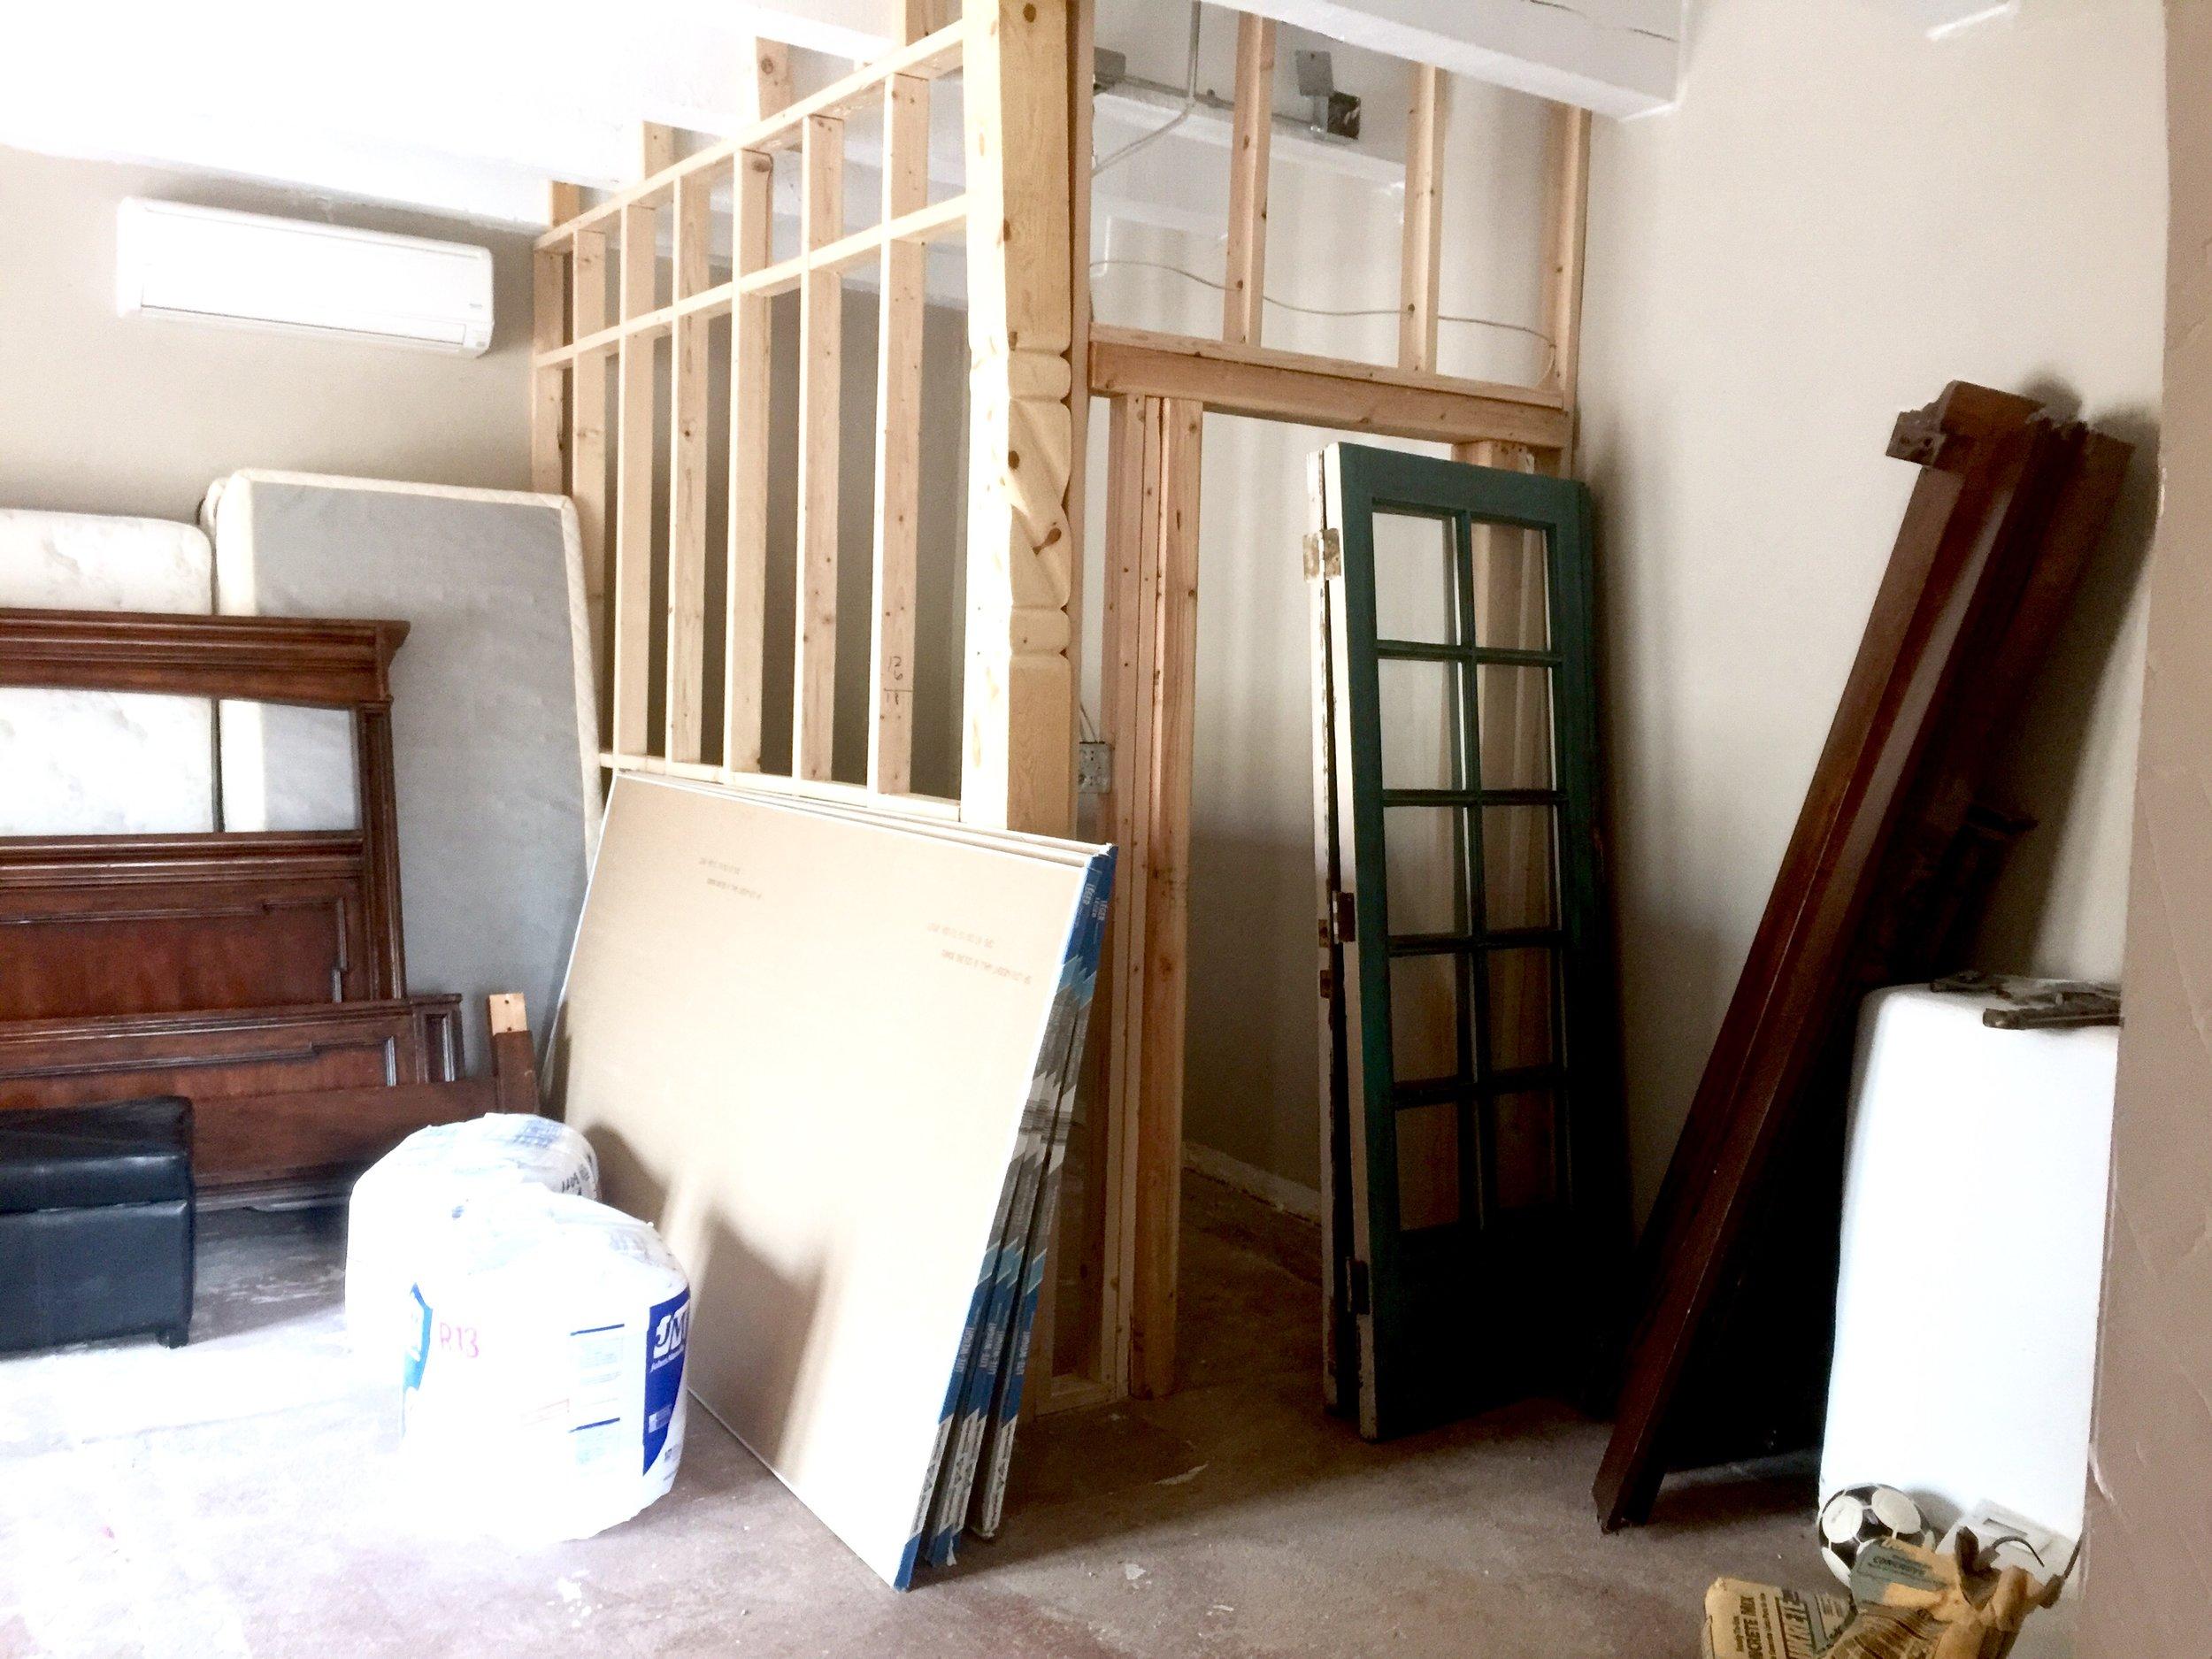 Master bedroom remodel at shelbyathome.com